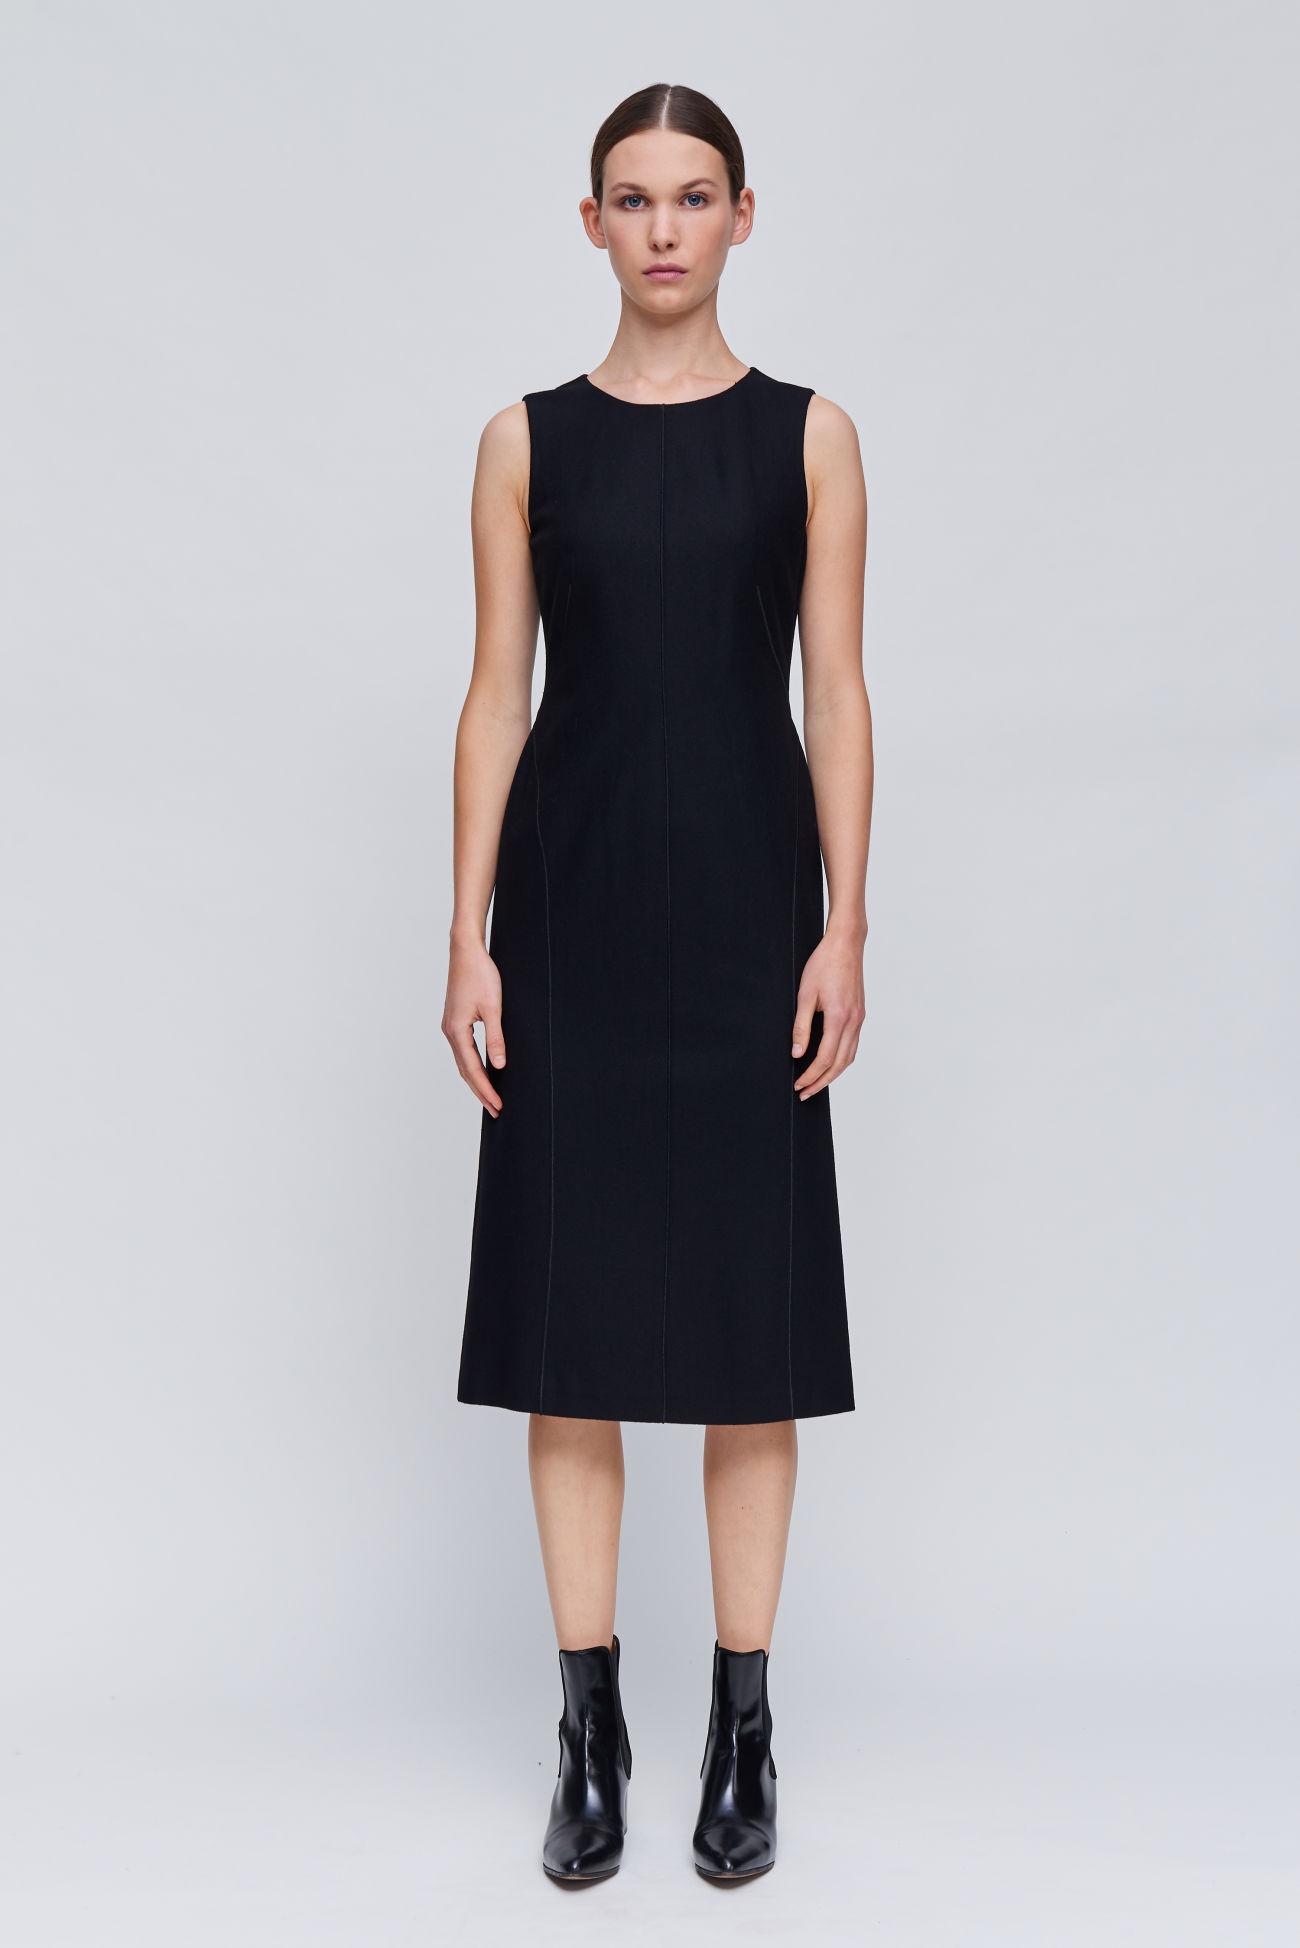 Waisted dress